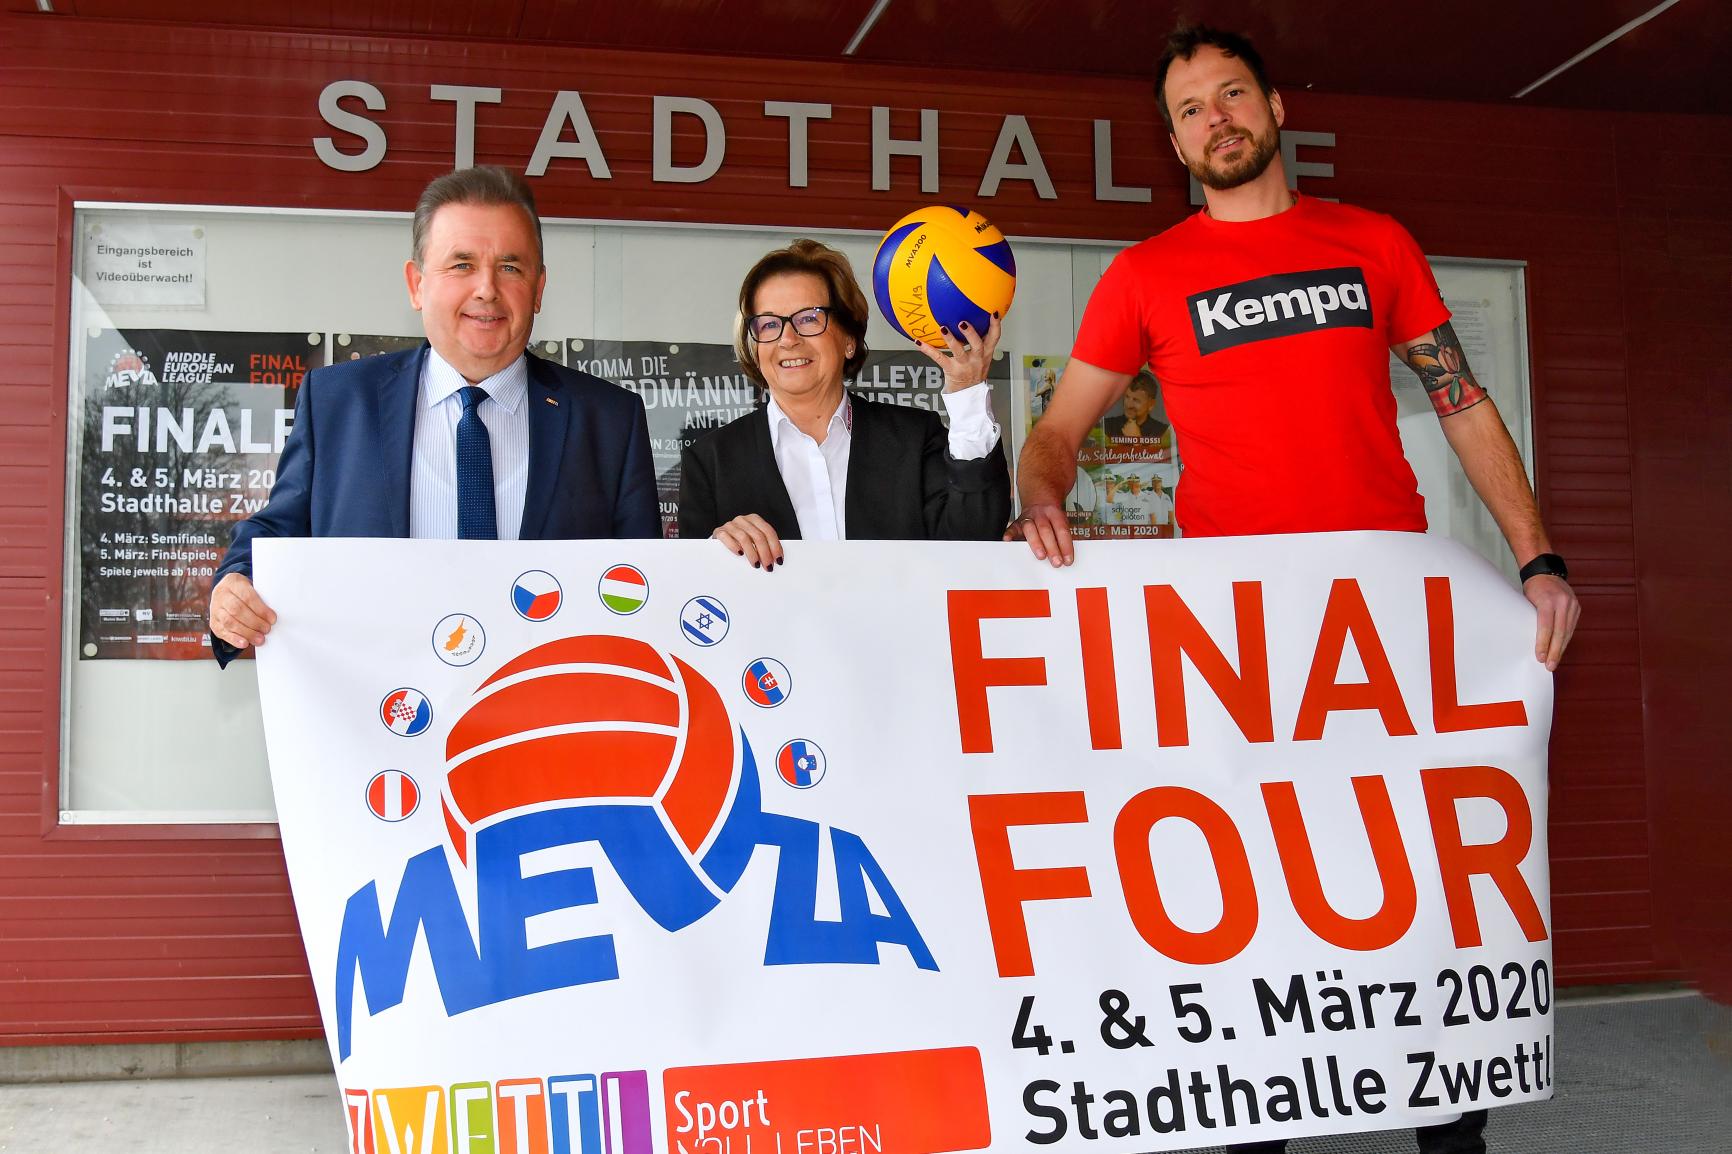 MEVZA Final Four in der Stadthalle Zwettl